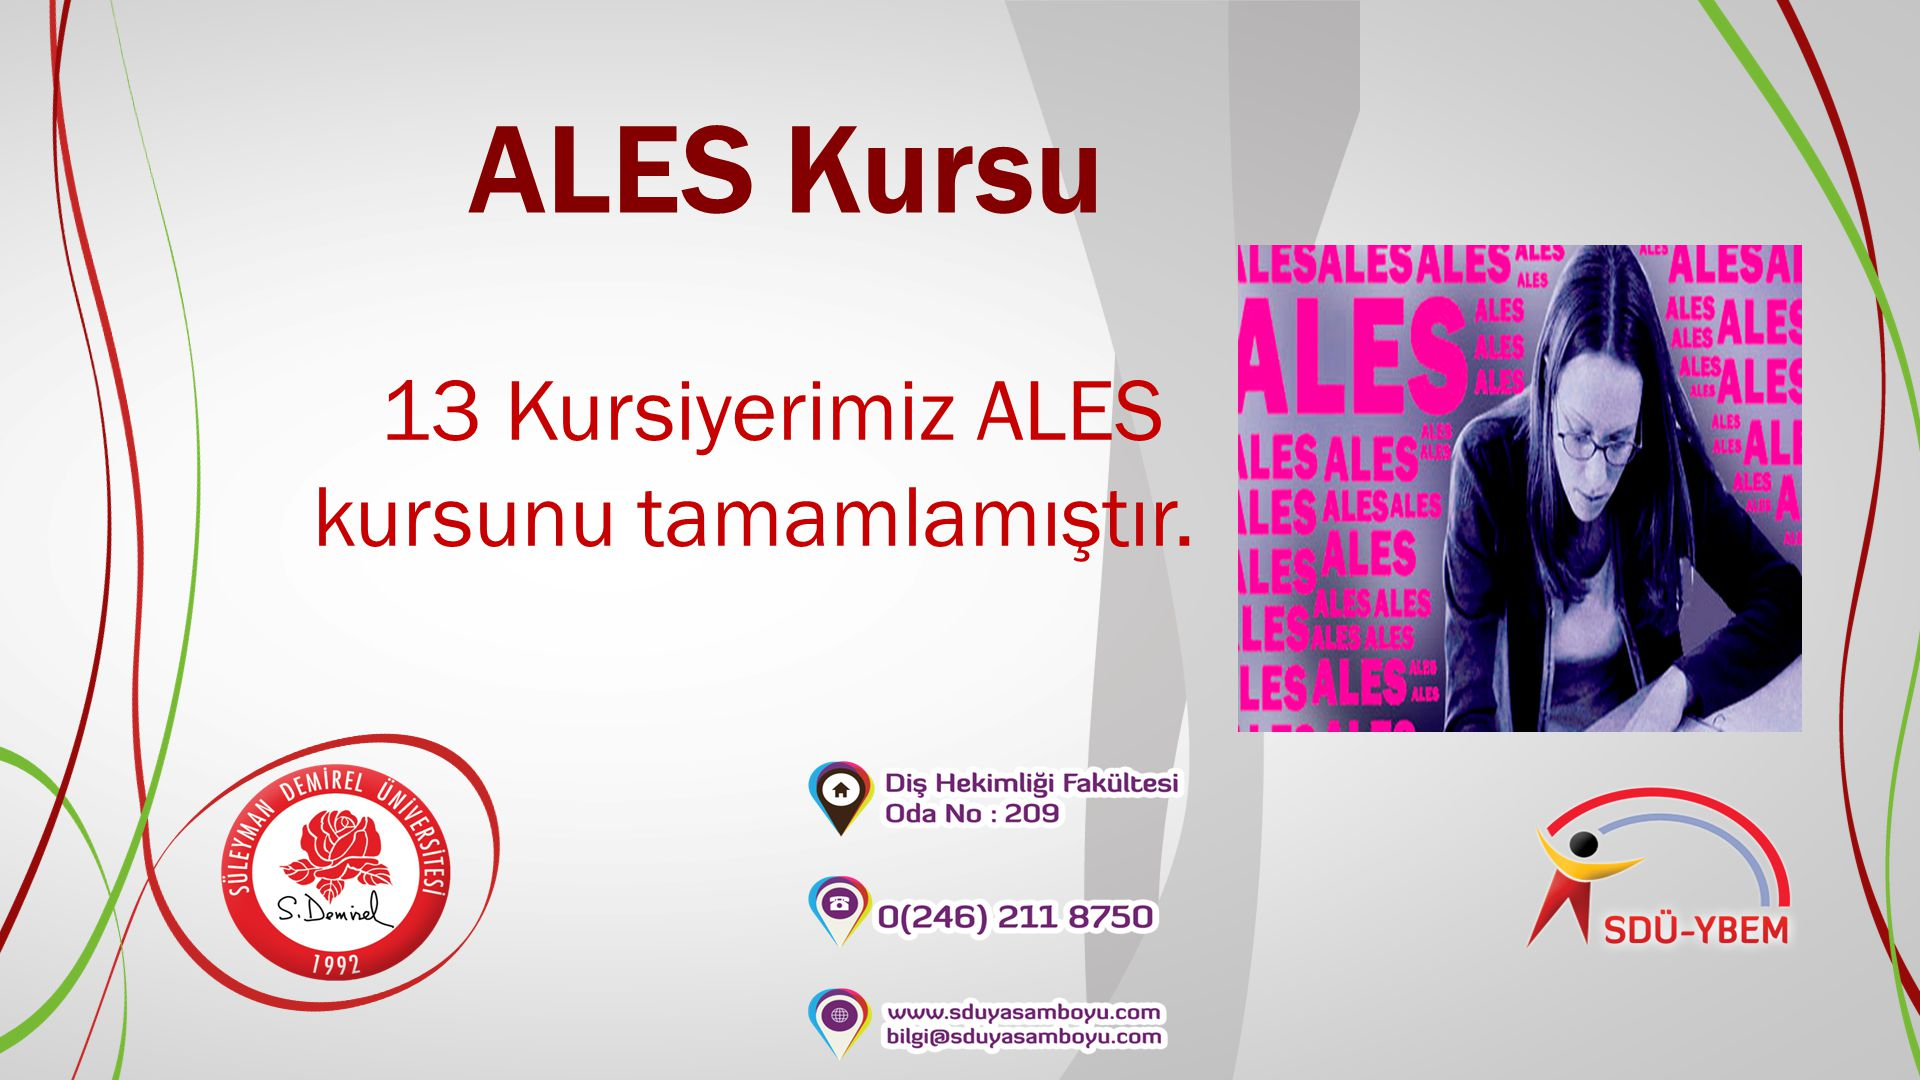 13 Kursiyerimiz ALES kursunu tamamlamıştır.